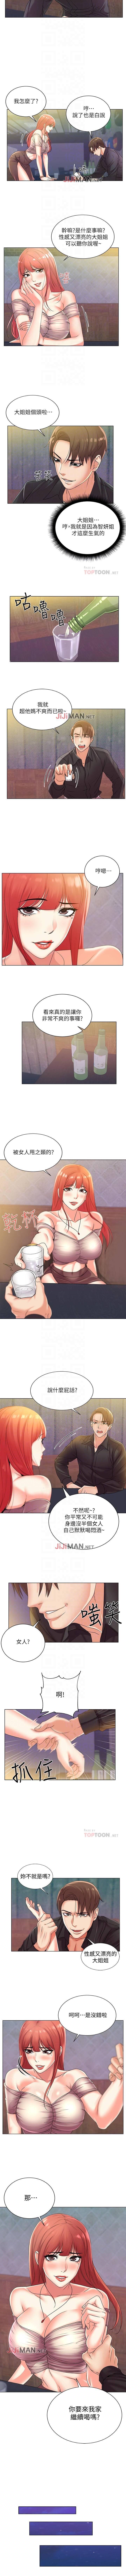 【周三连载】超市的漂亮姐姐(作者:北鼻&逃兵) 第1~40话 102